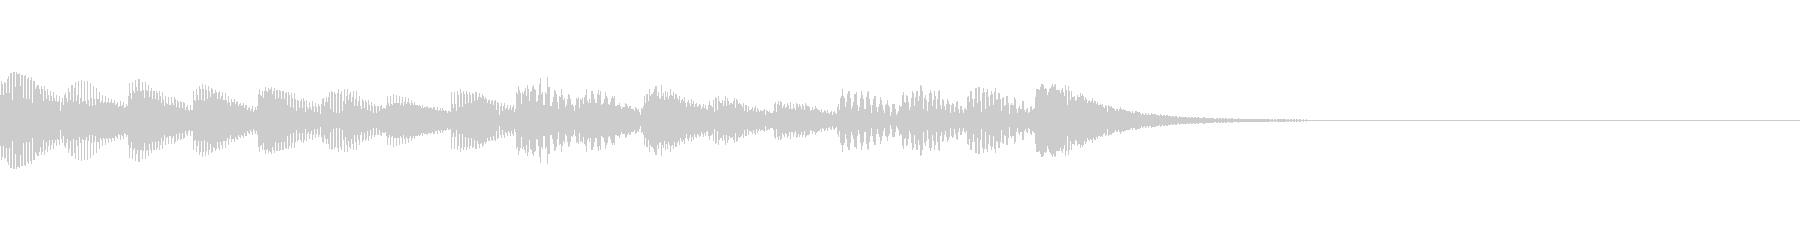 マリンバの音 ポップでかわいいジングルの未再生の波形